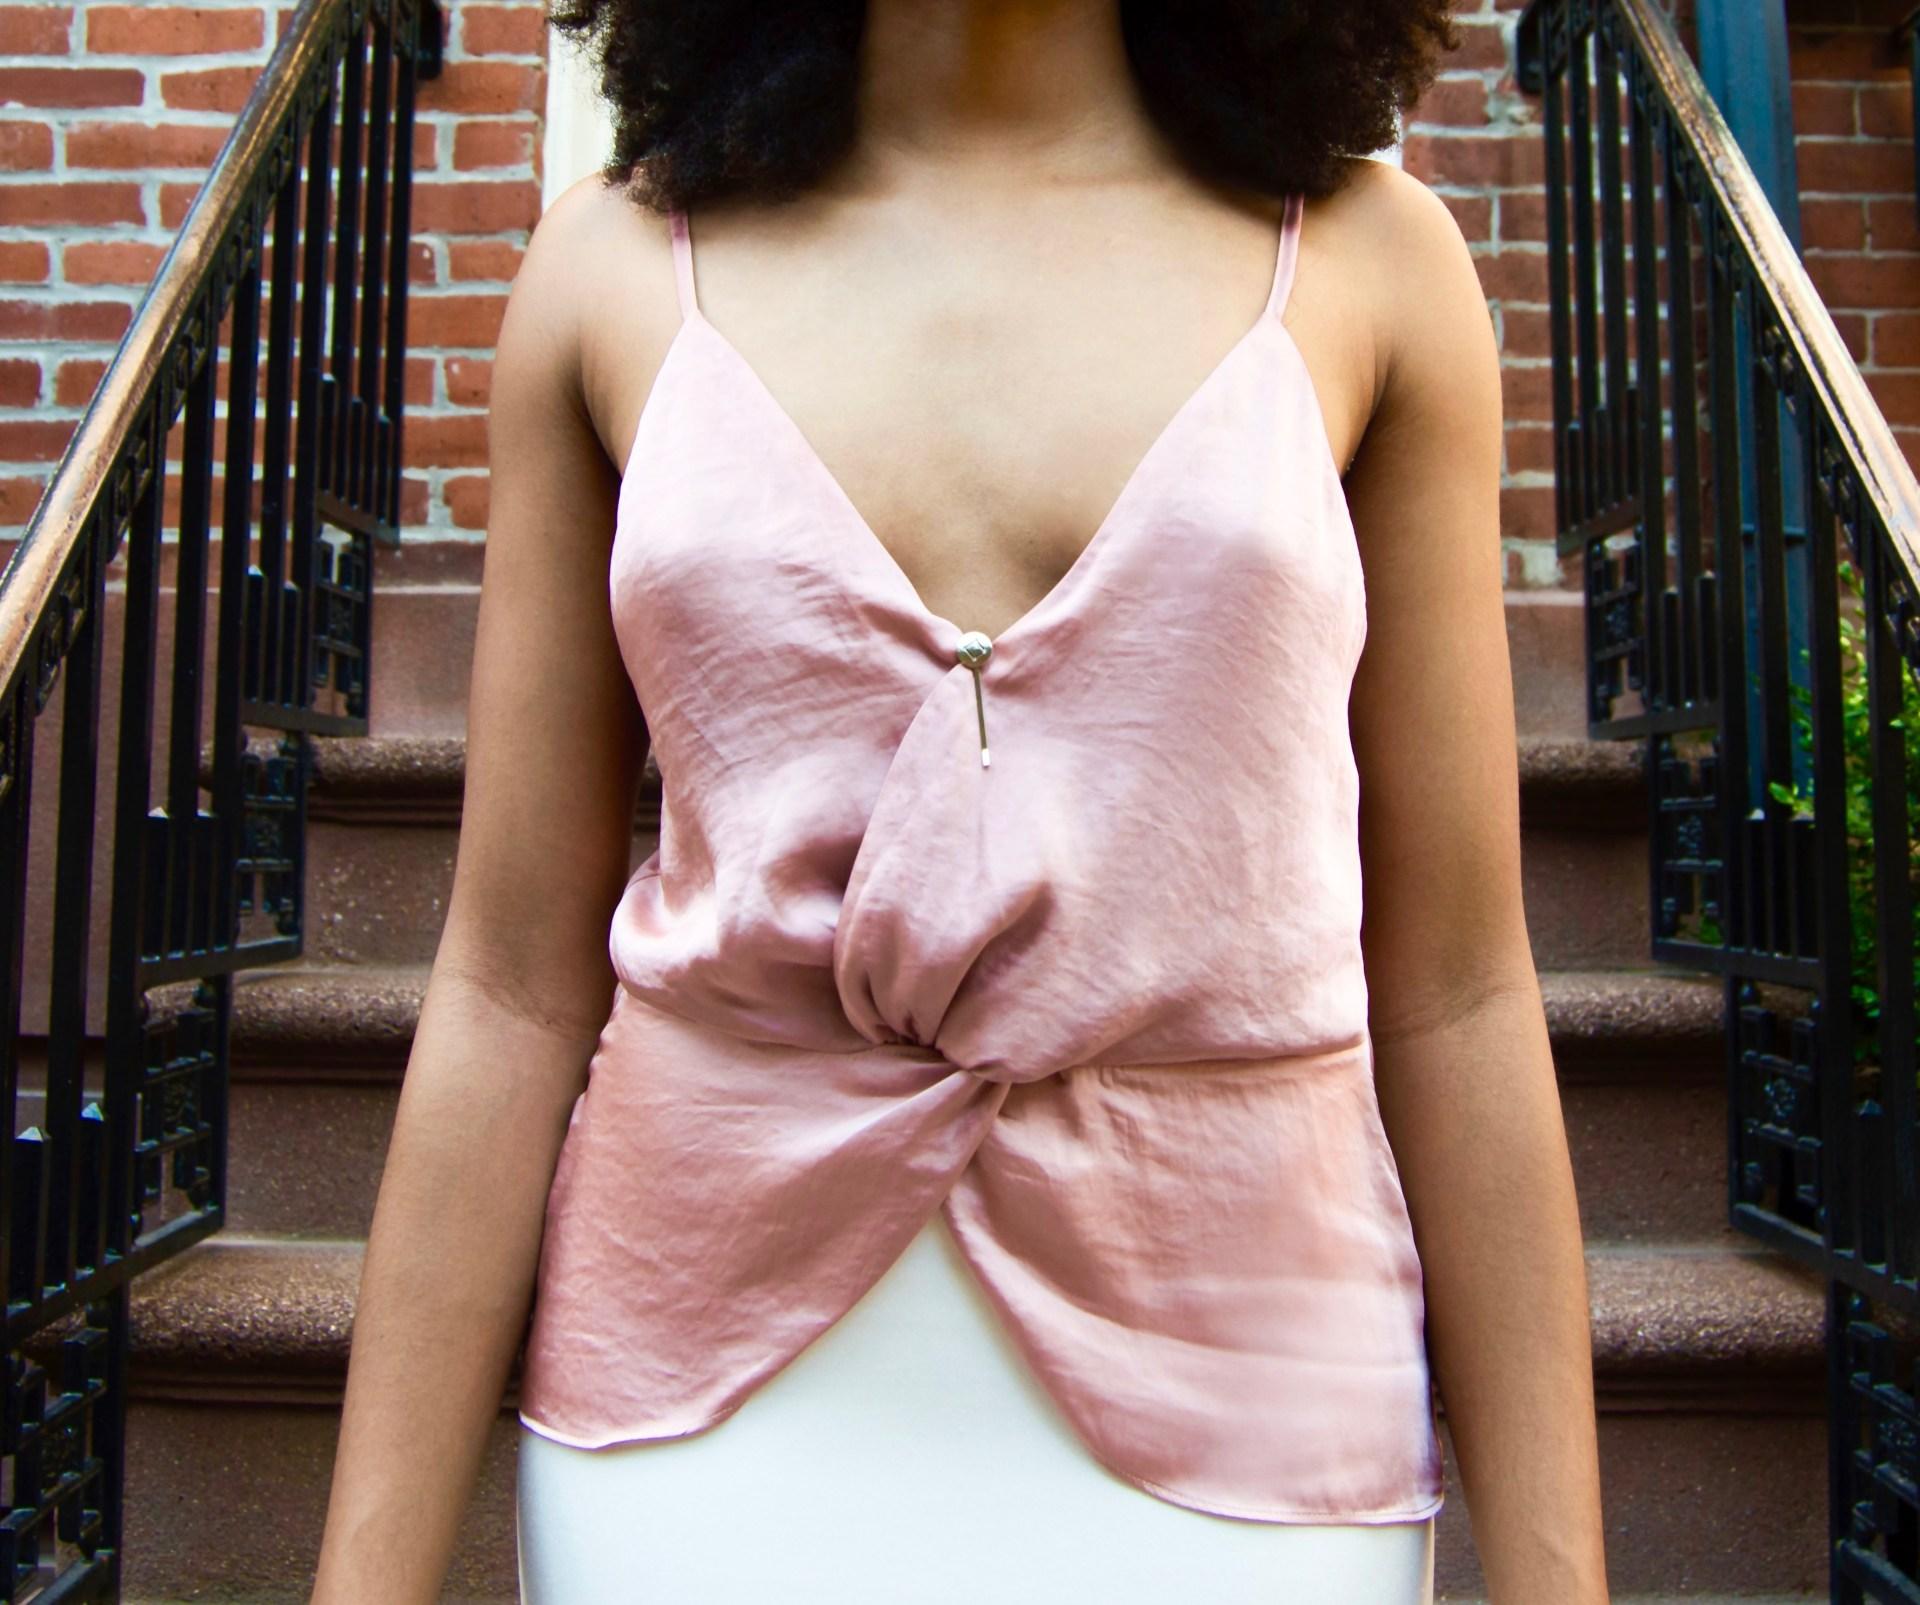 Arielle_Pink Shirt